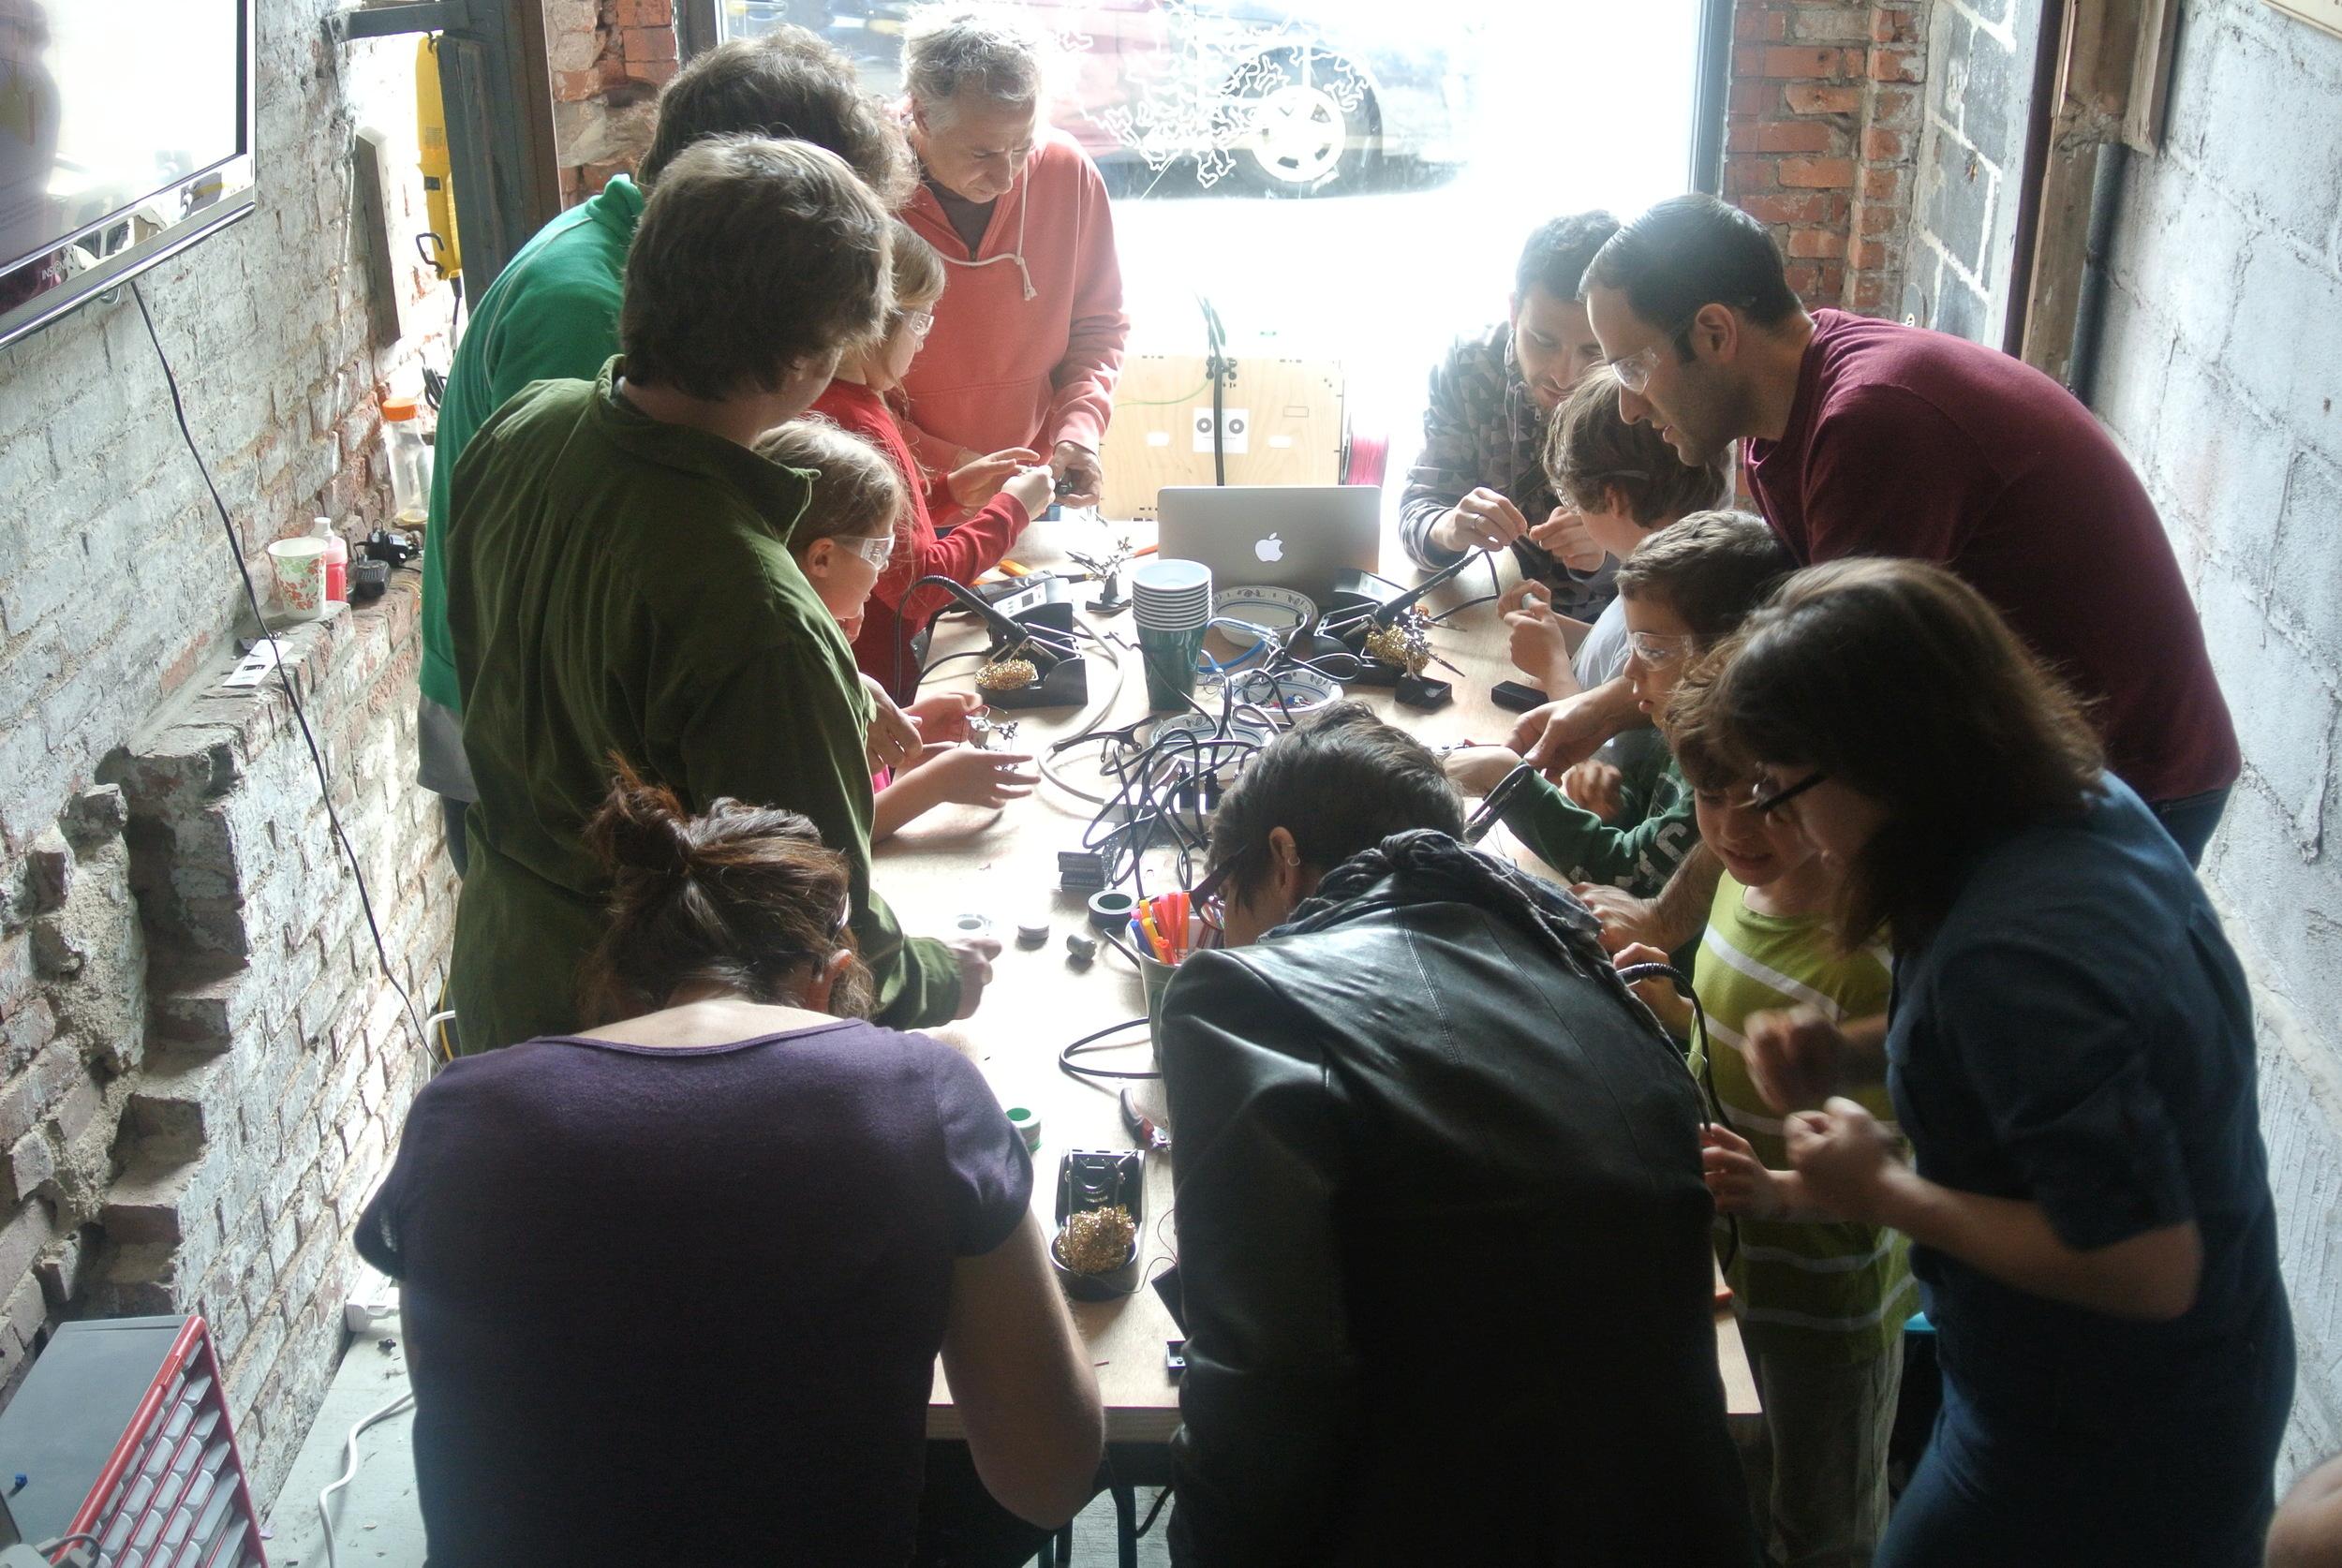 solderingworkshopelevatorshaft.jpg